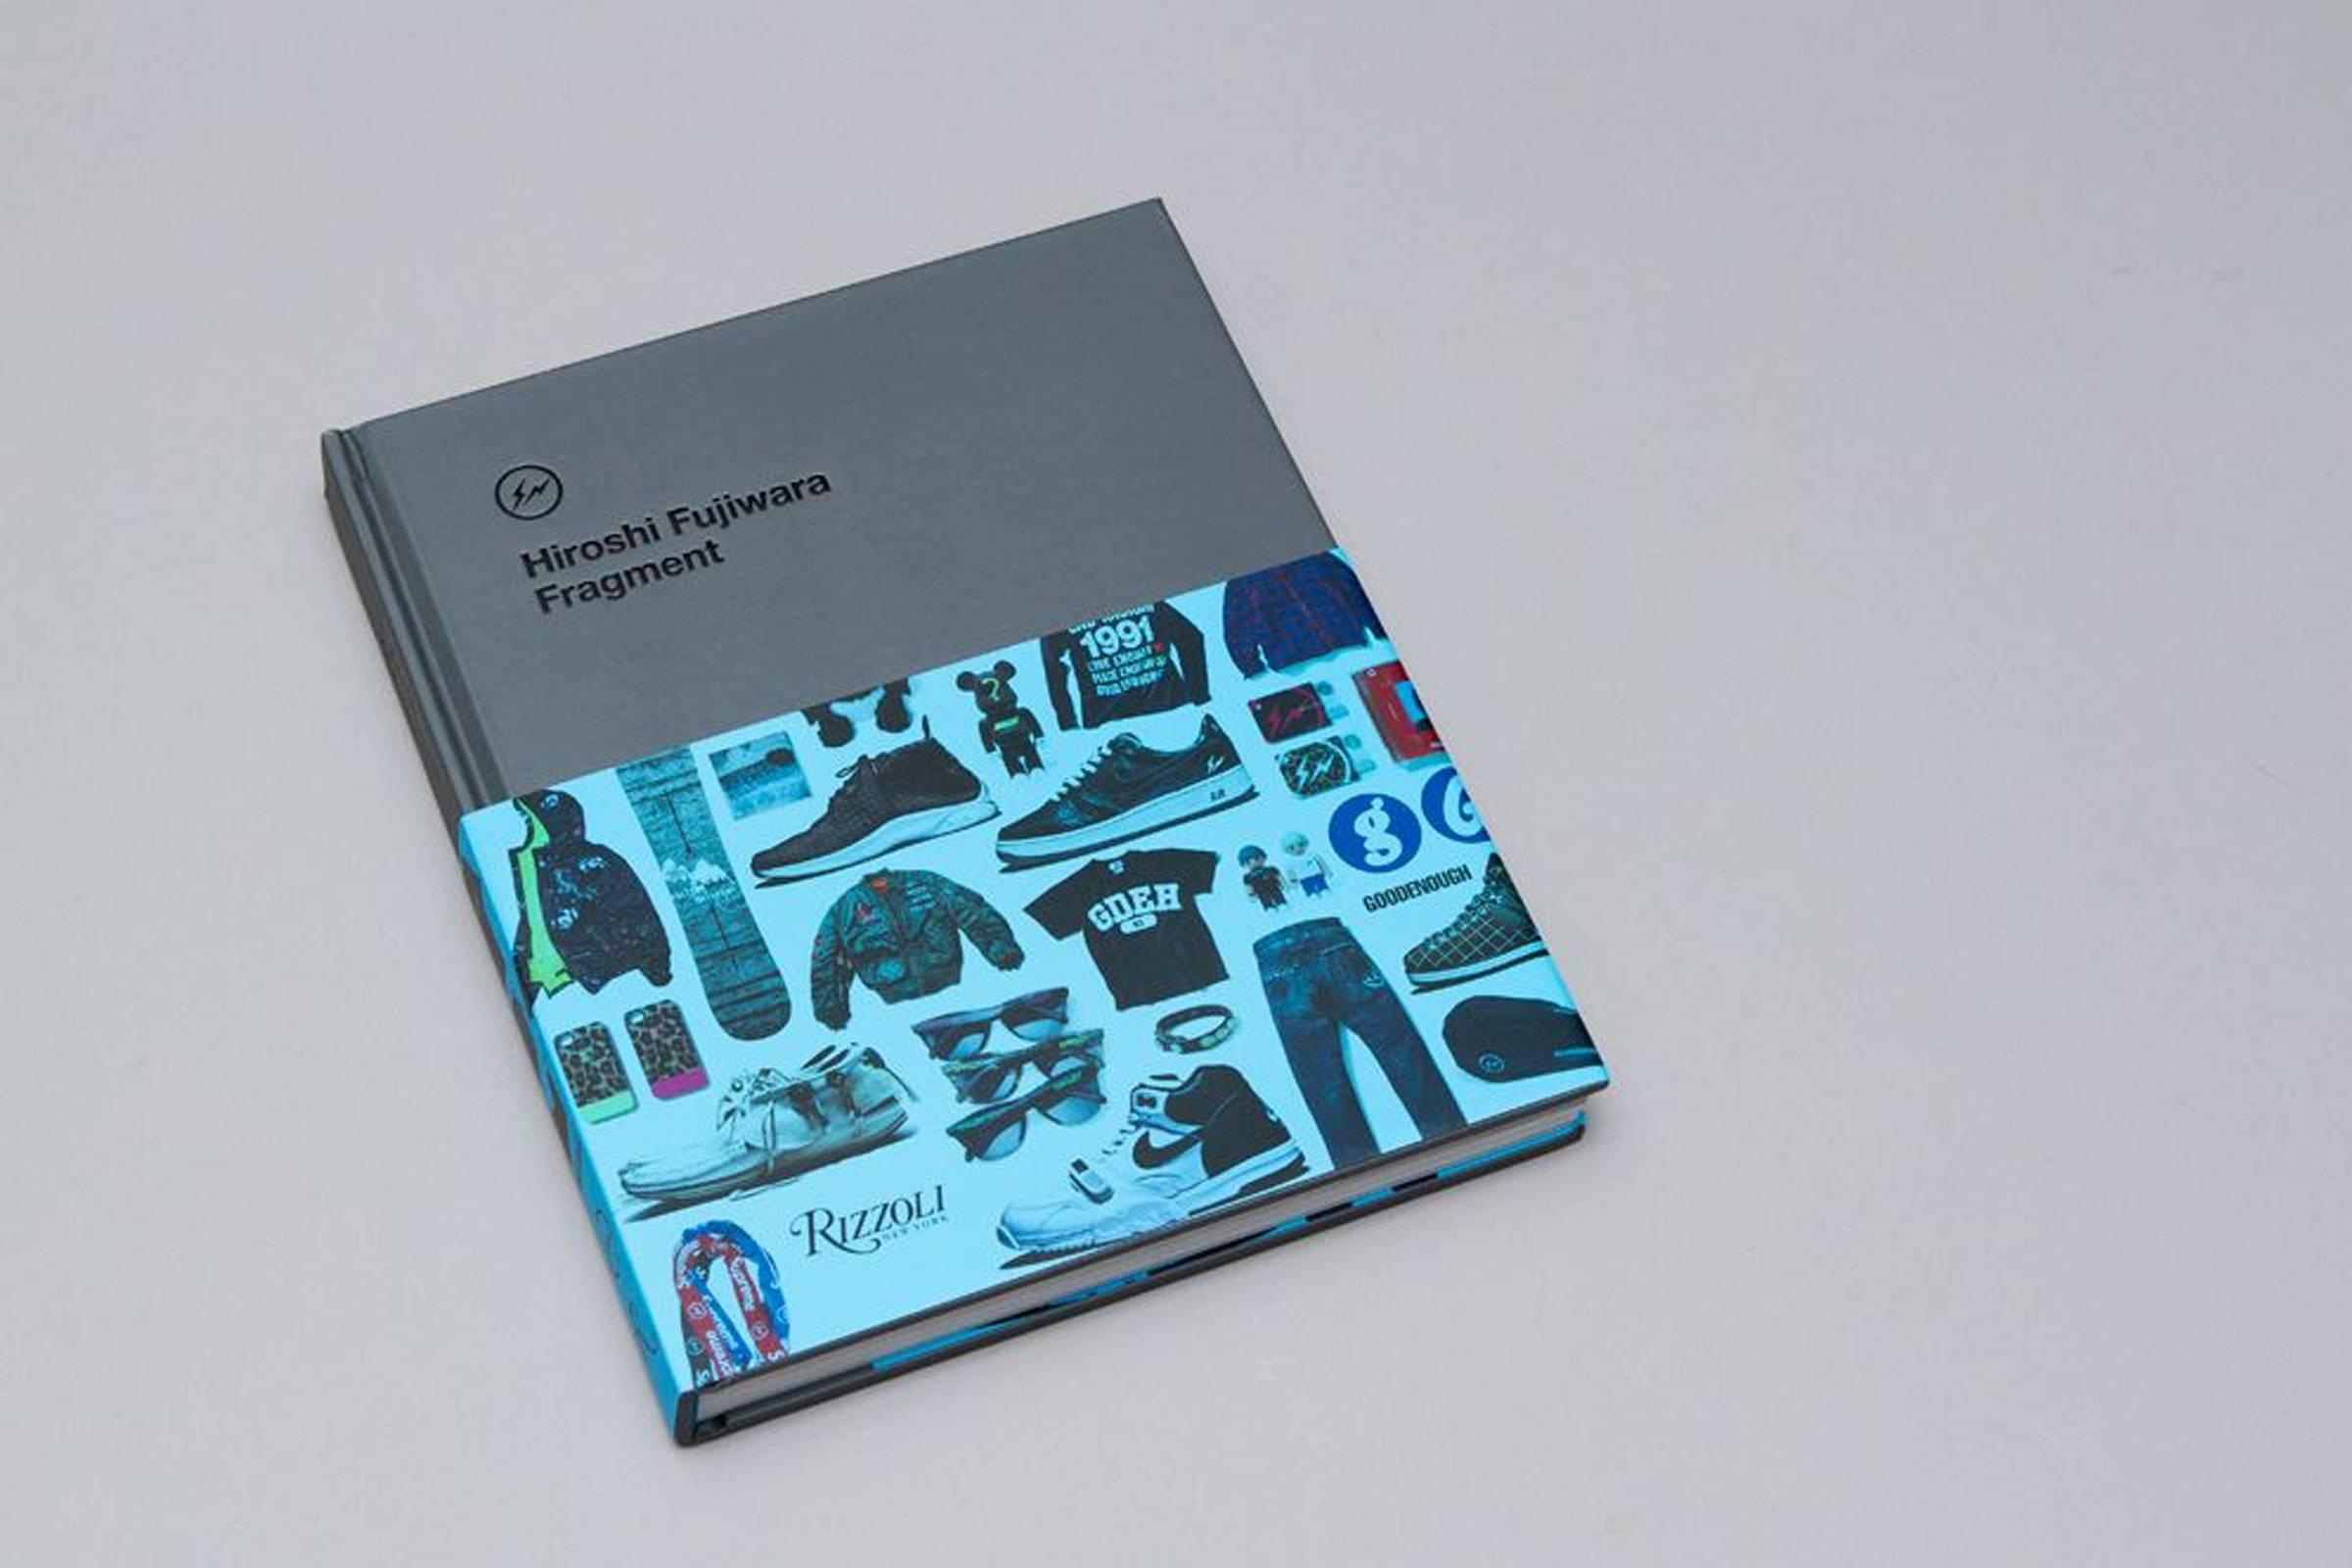 Hiroshi Fujiwara: Fragment (Rizzoli 2014)